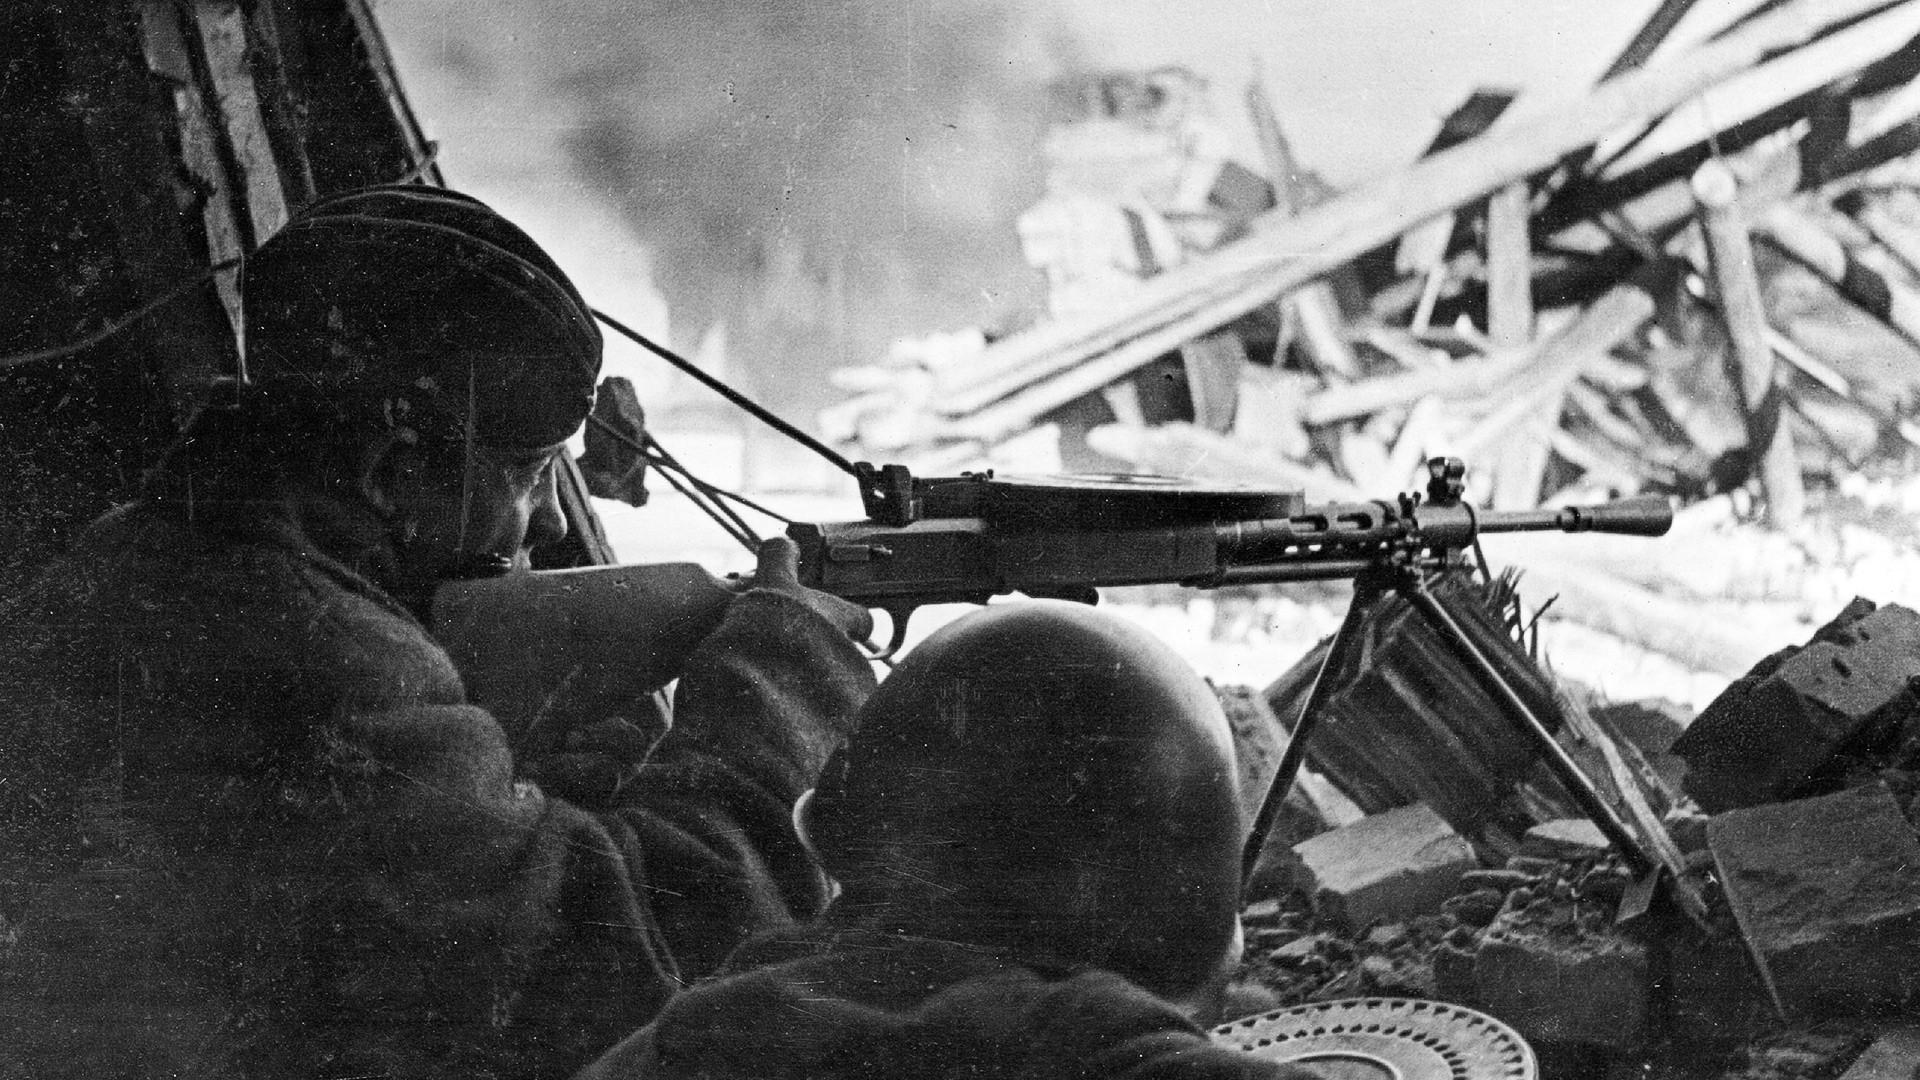 Совјетски митраљесци пуцају у нацисте који су се забарикадирали у кућама за време уличних борби у предграђу Стаљинграда.